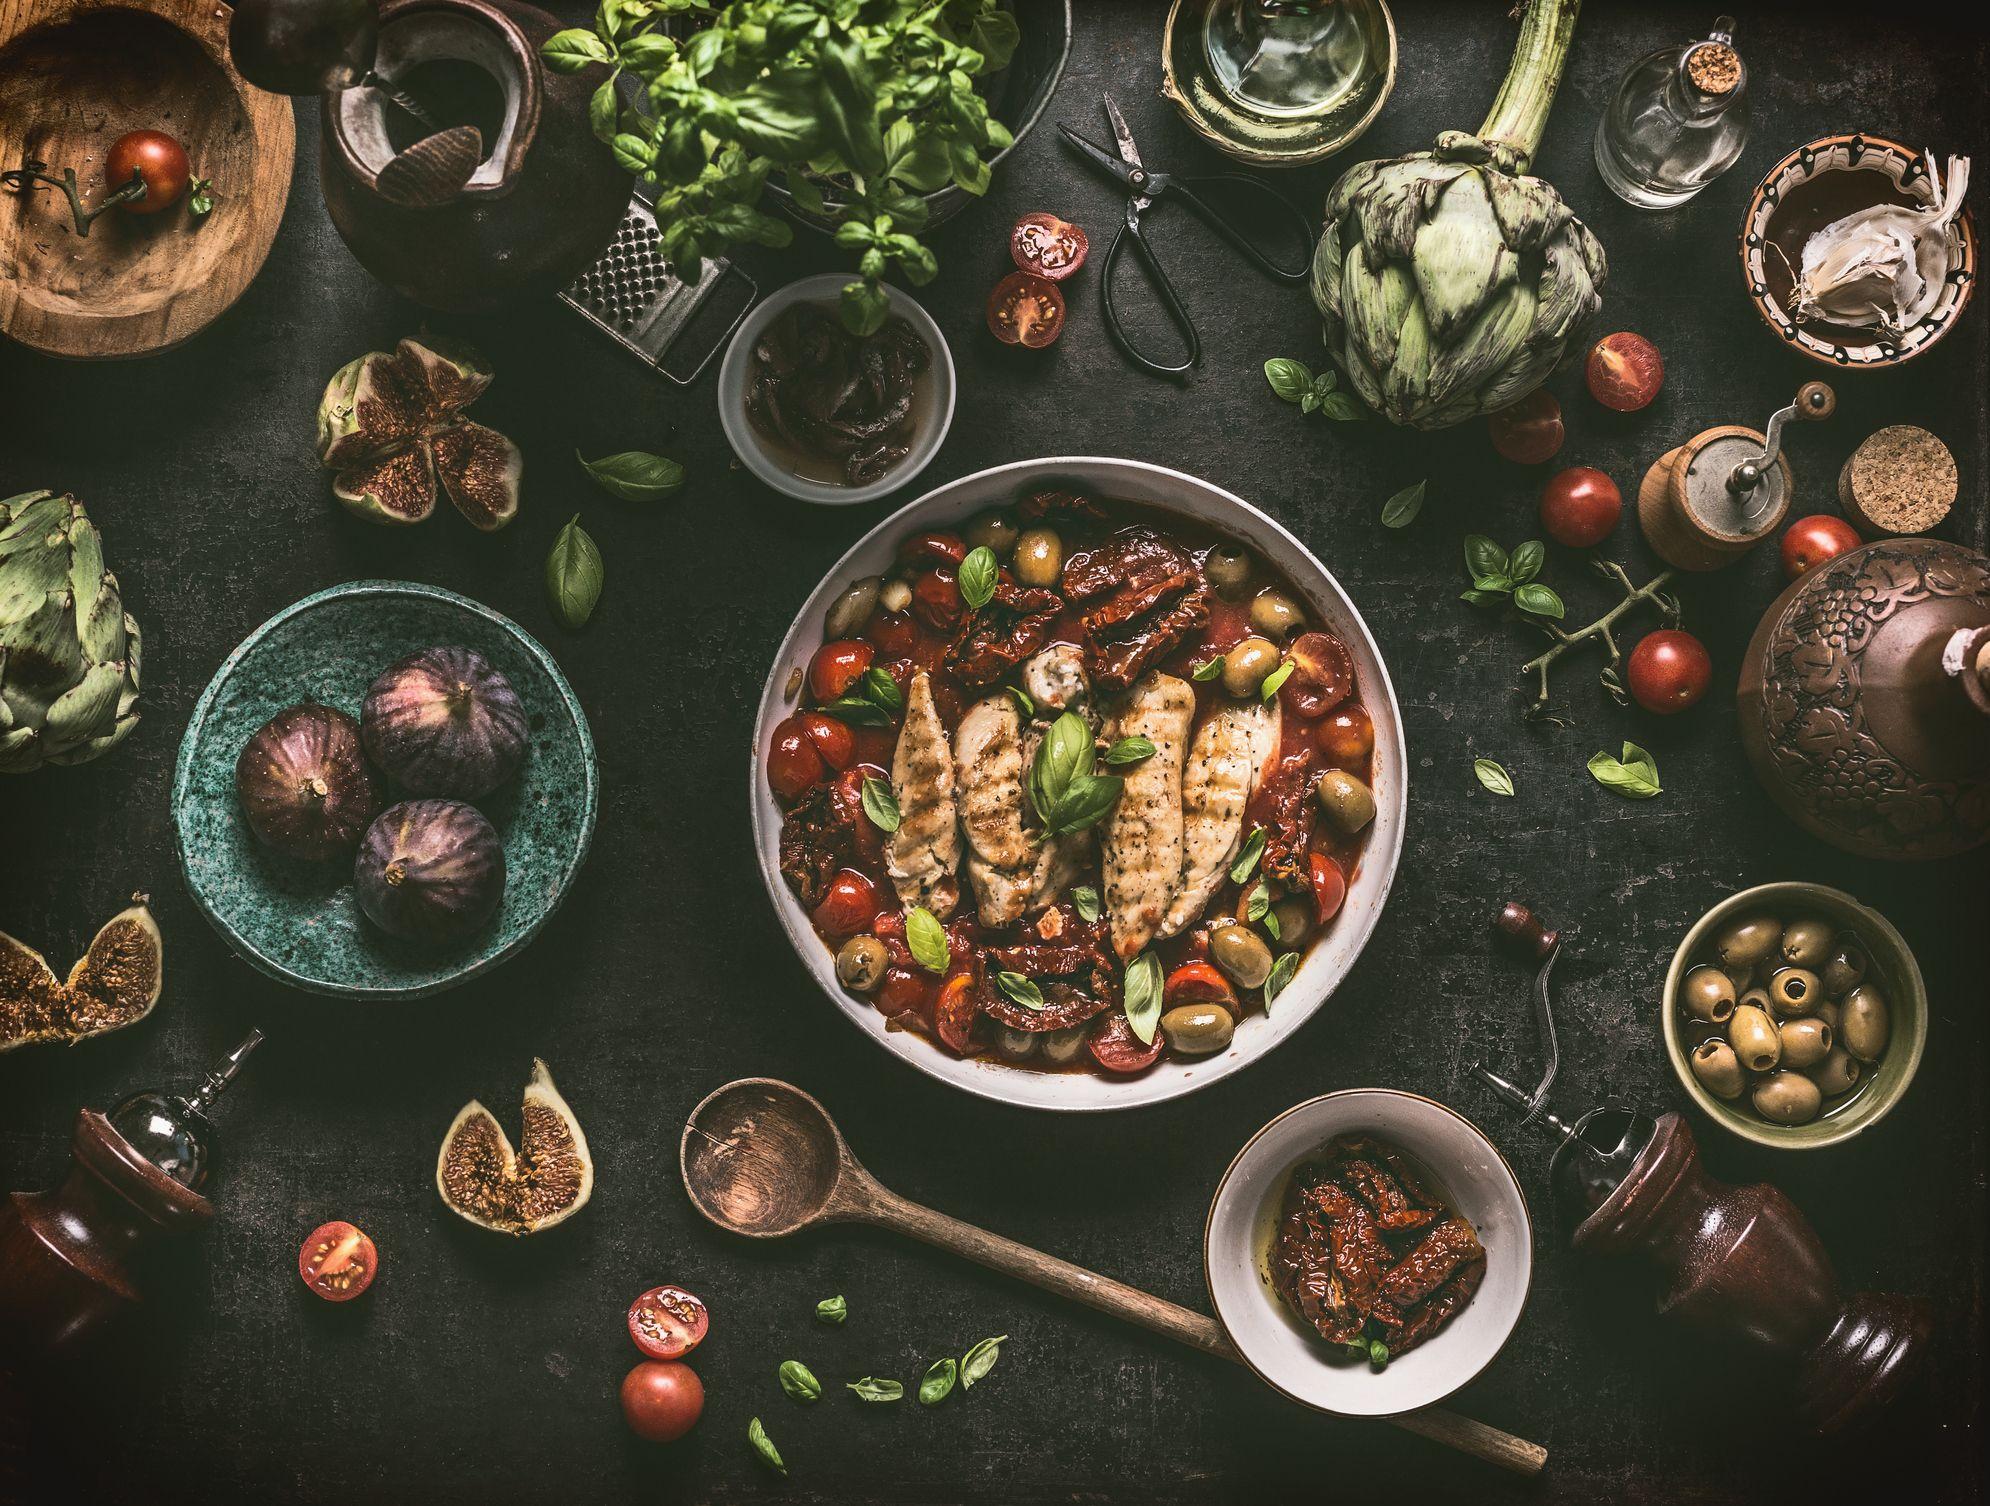 poitrine de poulet grillée avec sauce aux ingrédients méditerranéens